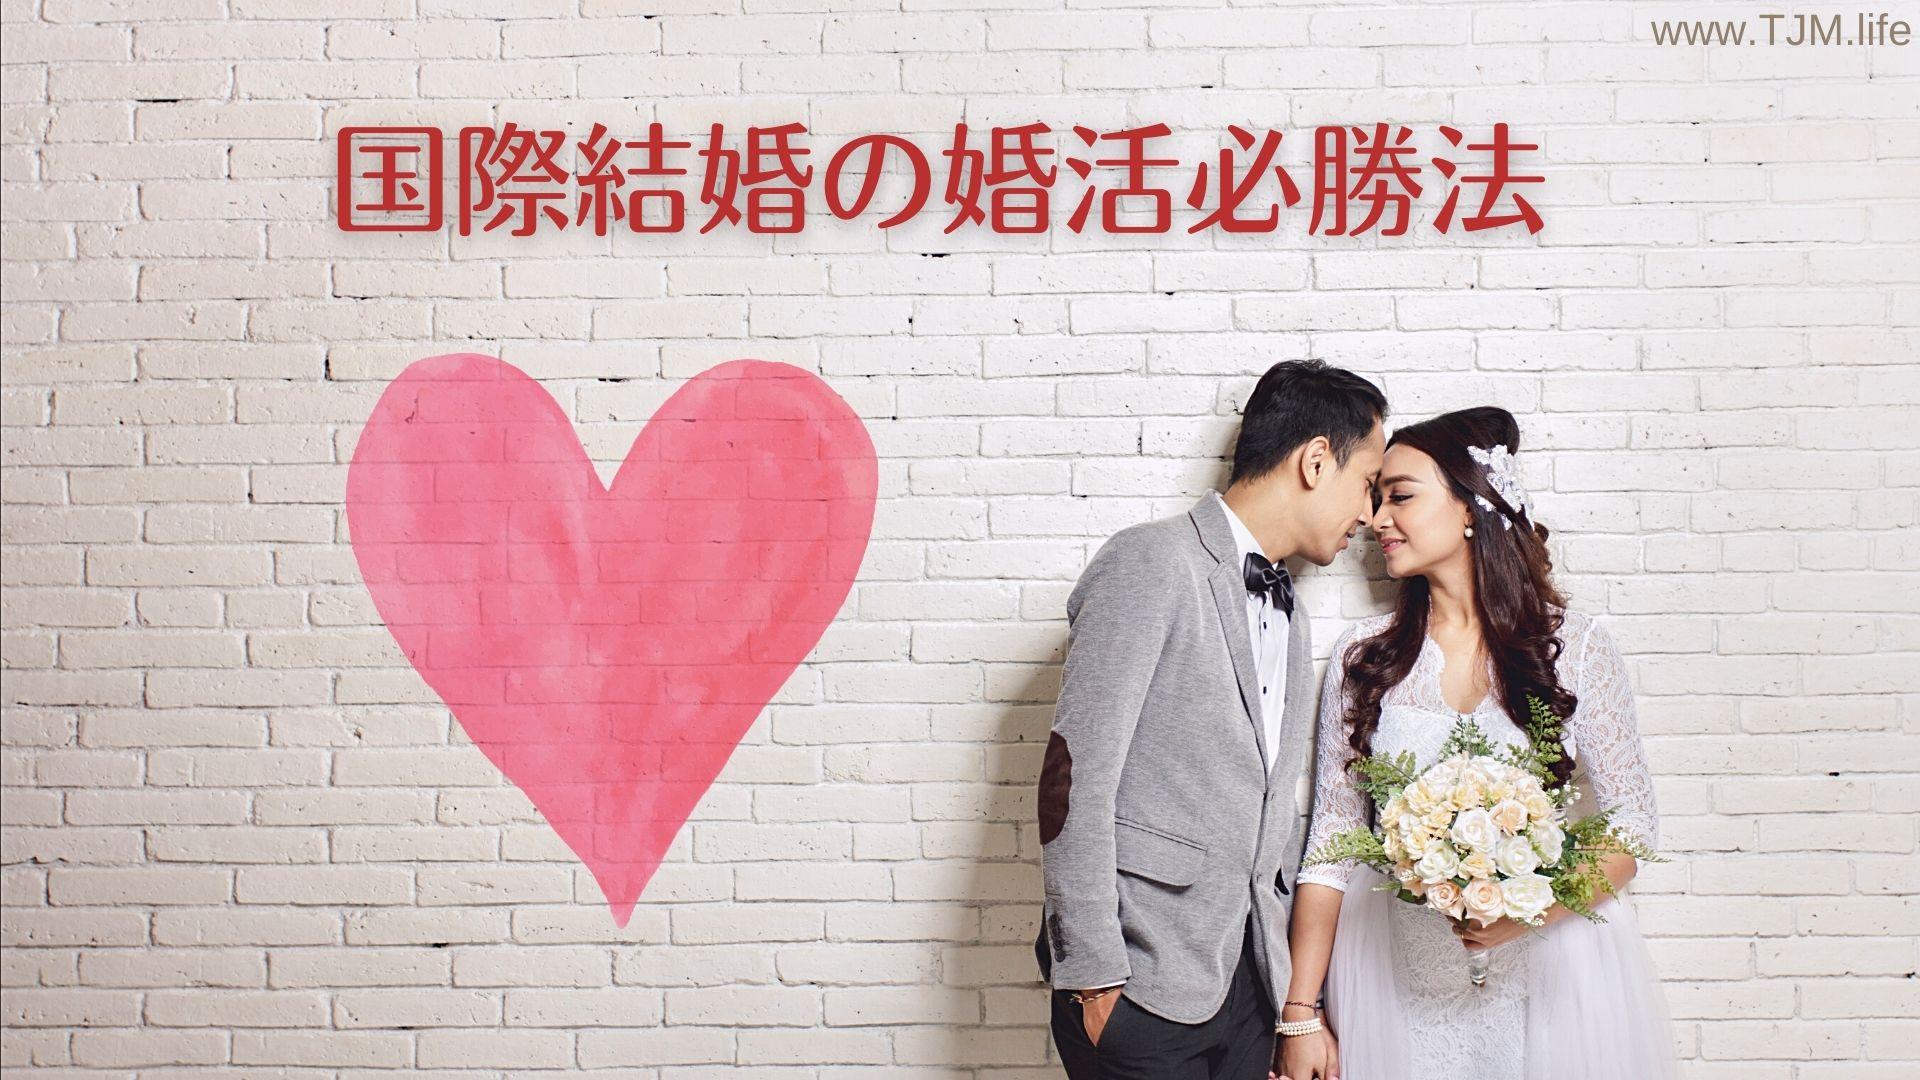 国際結婚の婚活必勝法